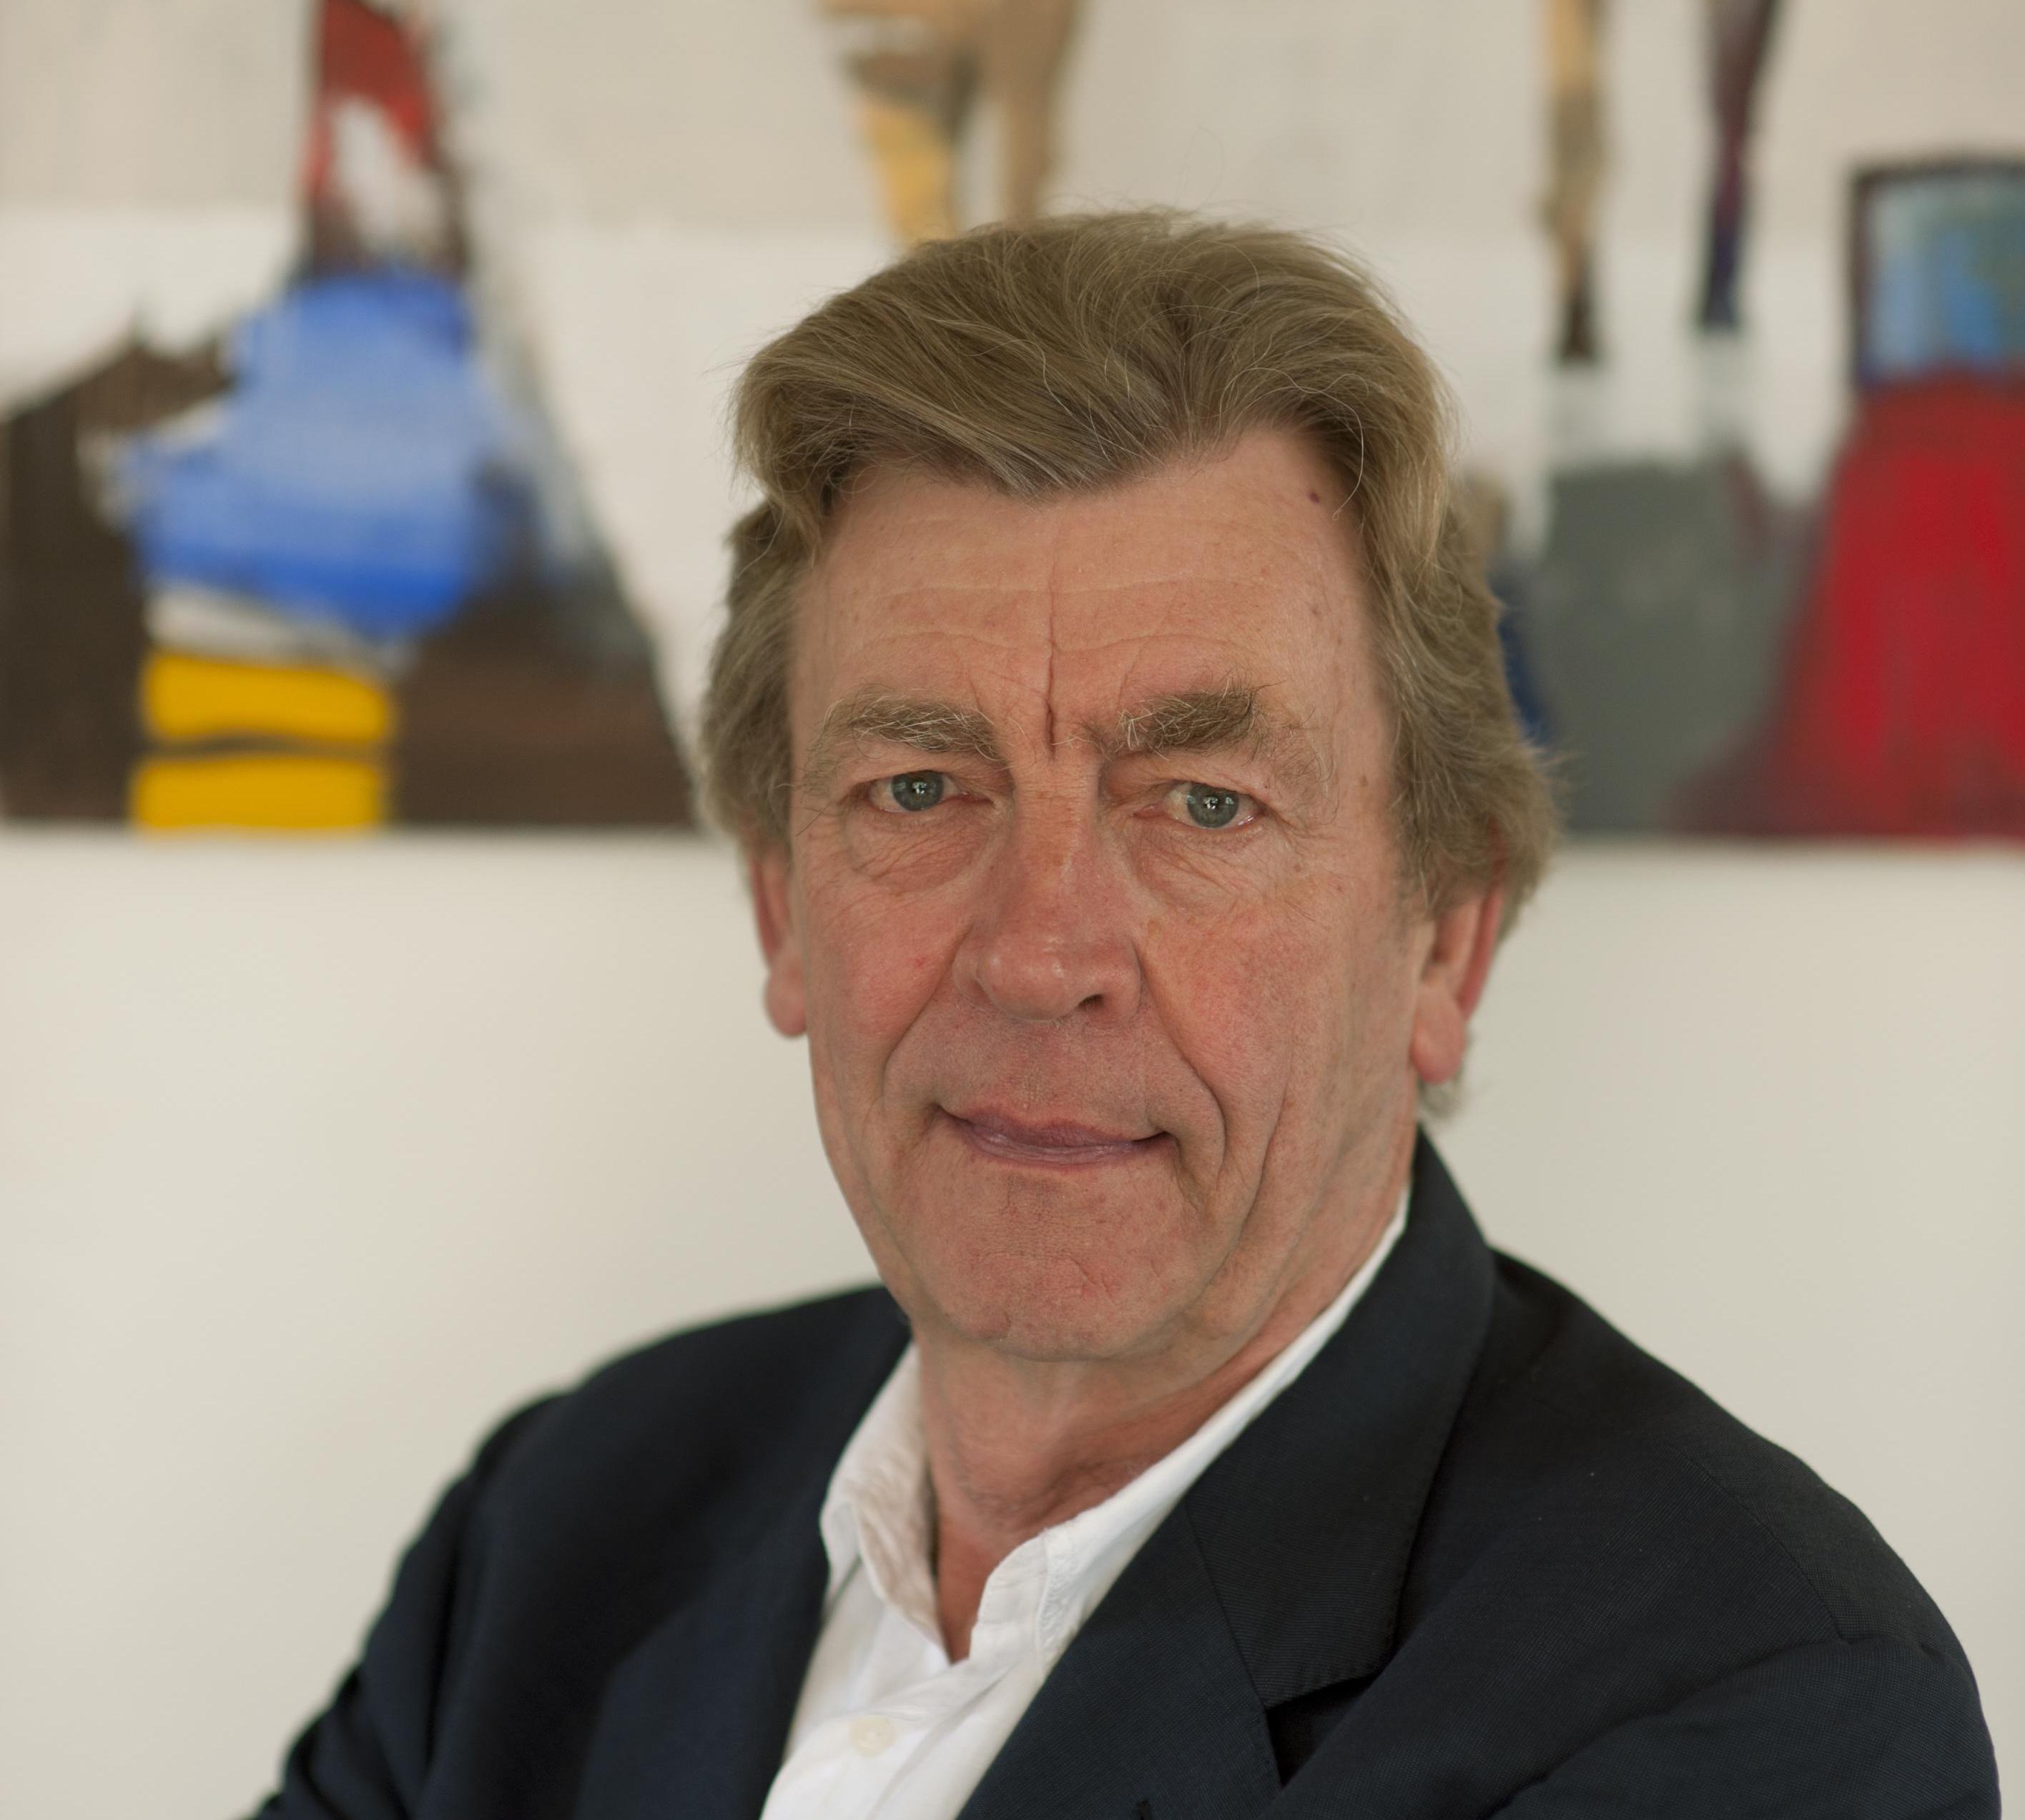 Meindert Fennema vrijgesproken van smaad tegen Hart voor Bloemendaal